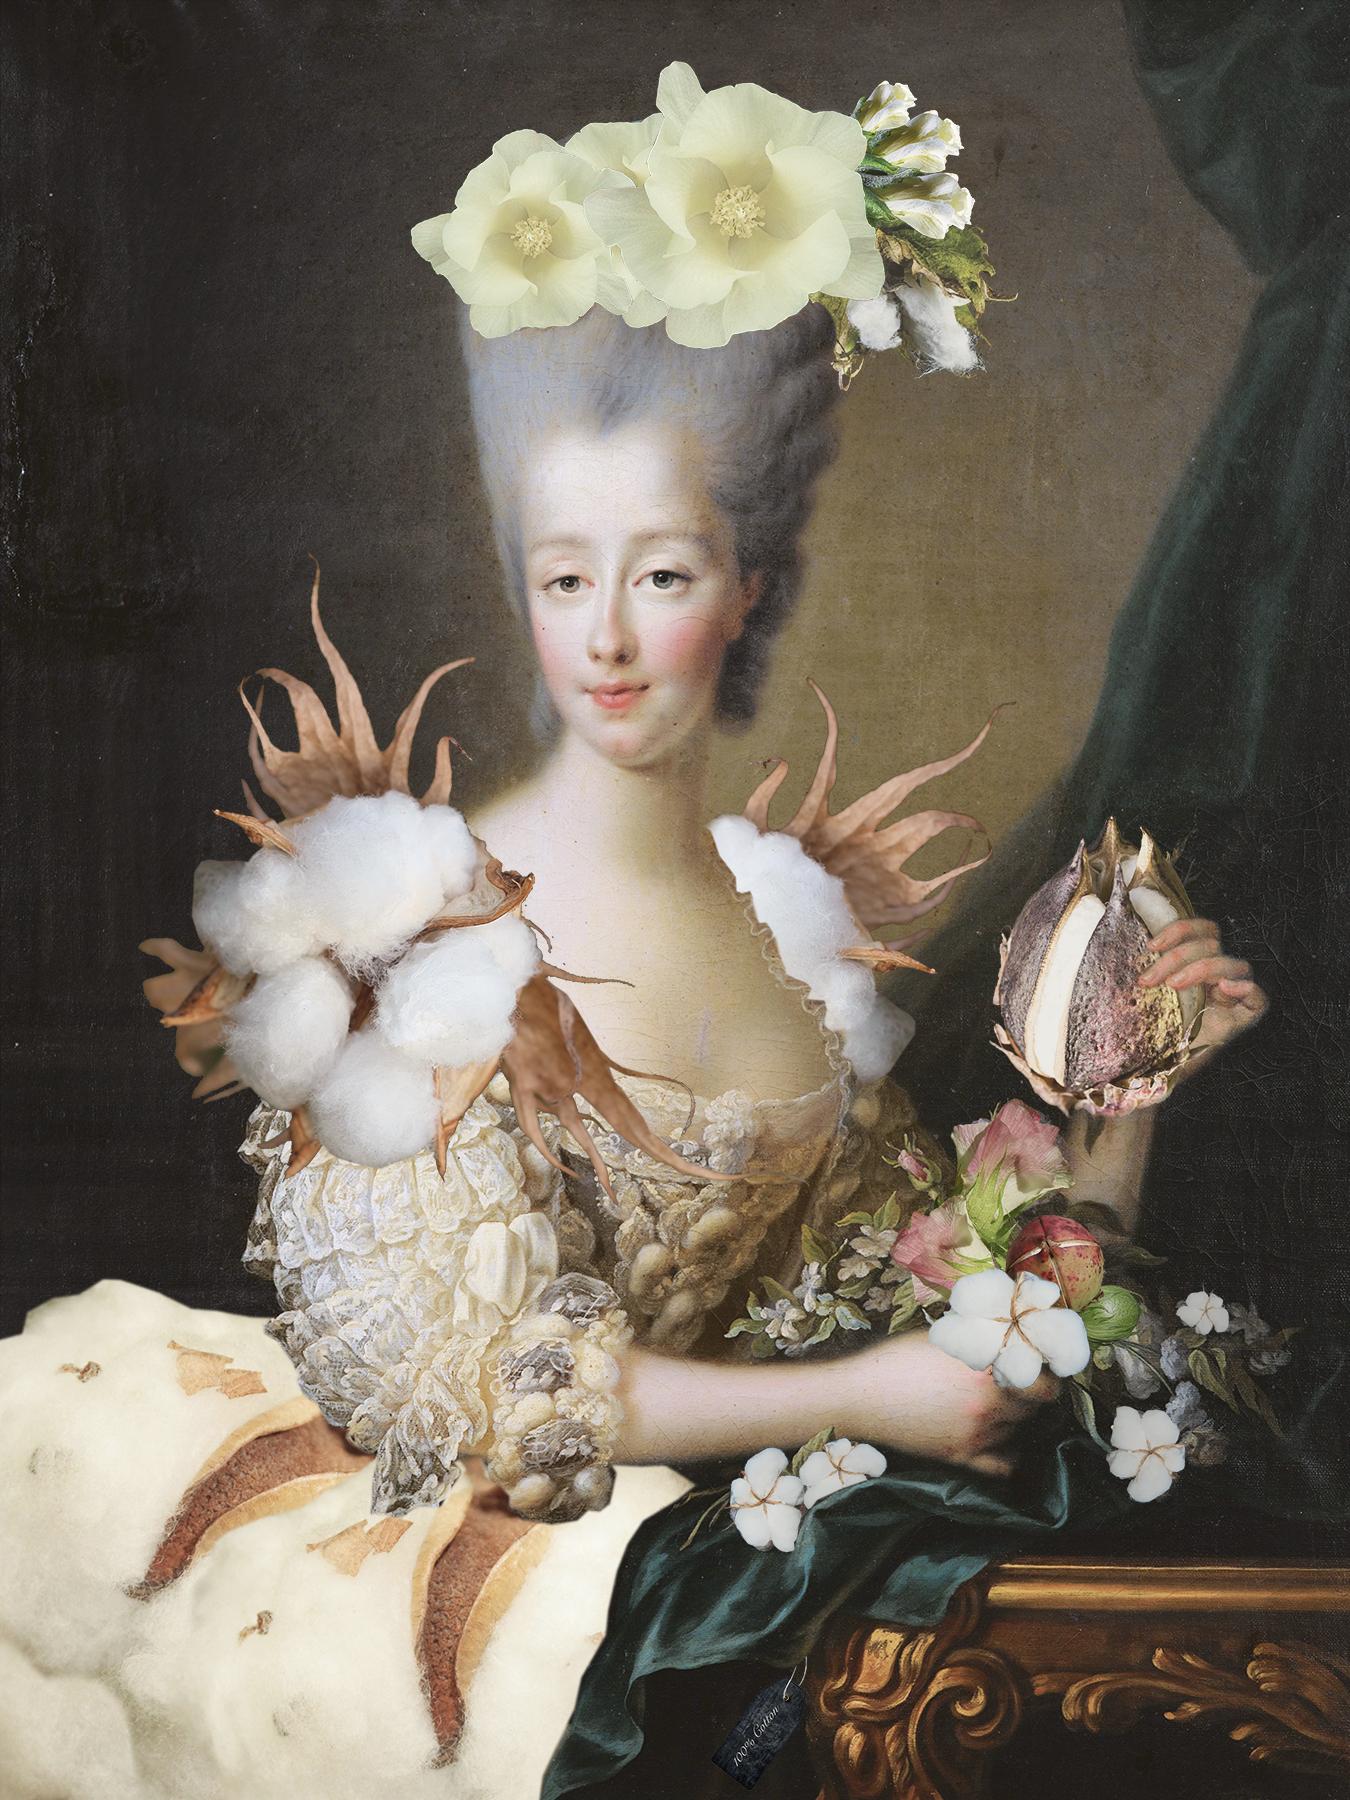 En 1700-tals dam med vit peruk och en stor klänning som är gjord av massor av olika plantor.